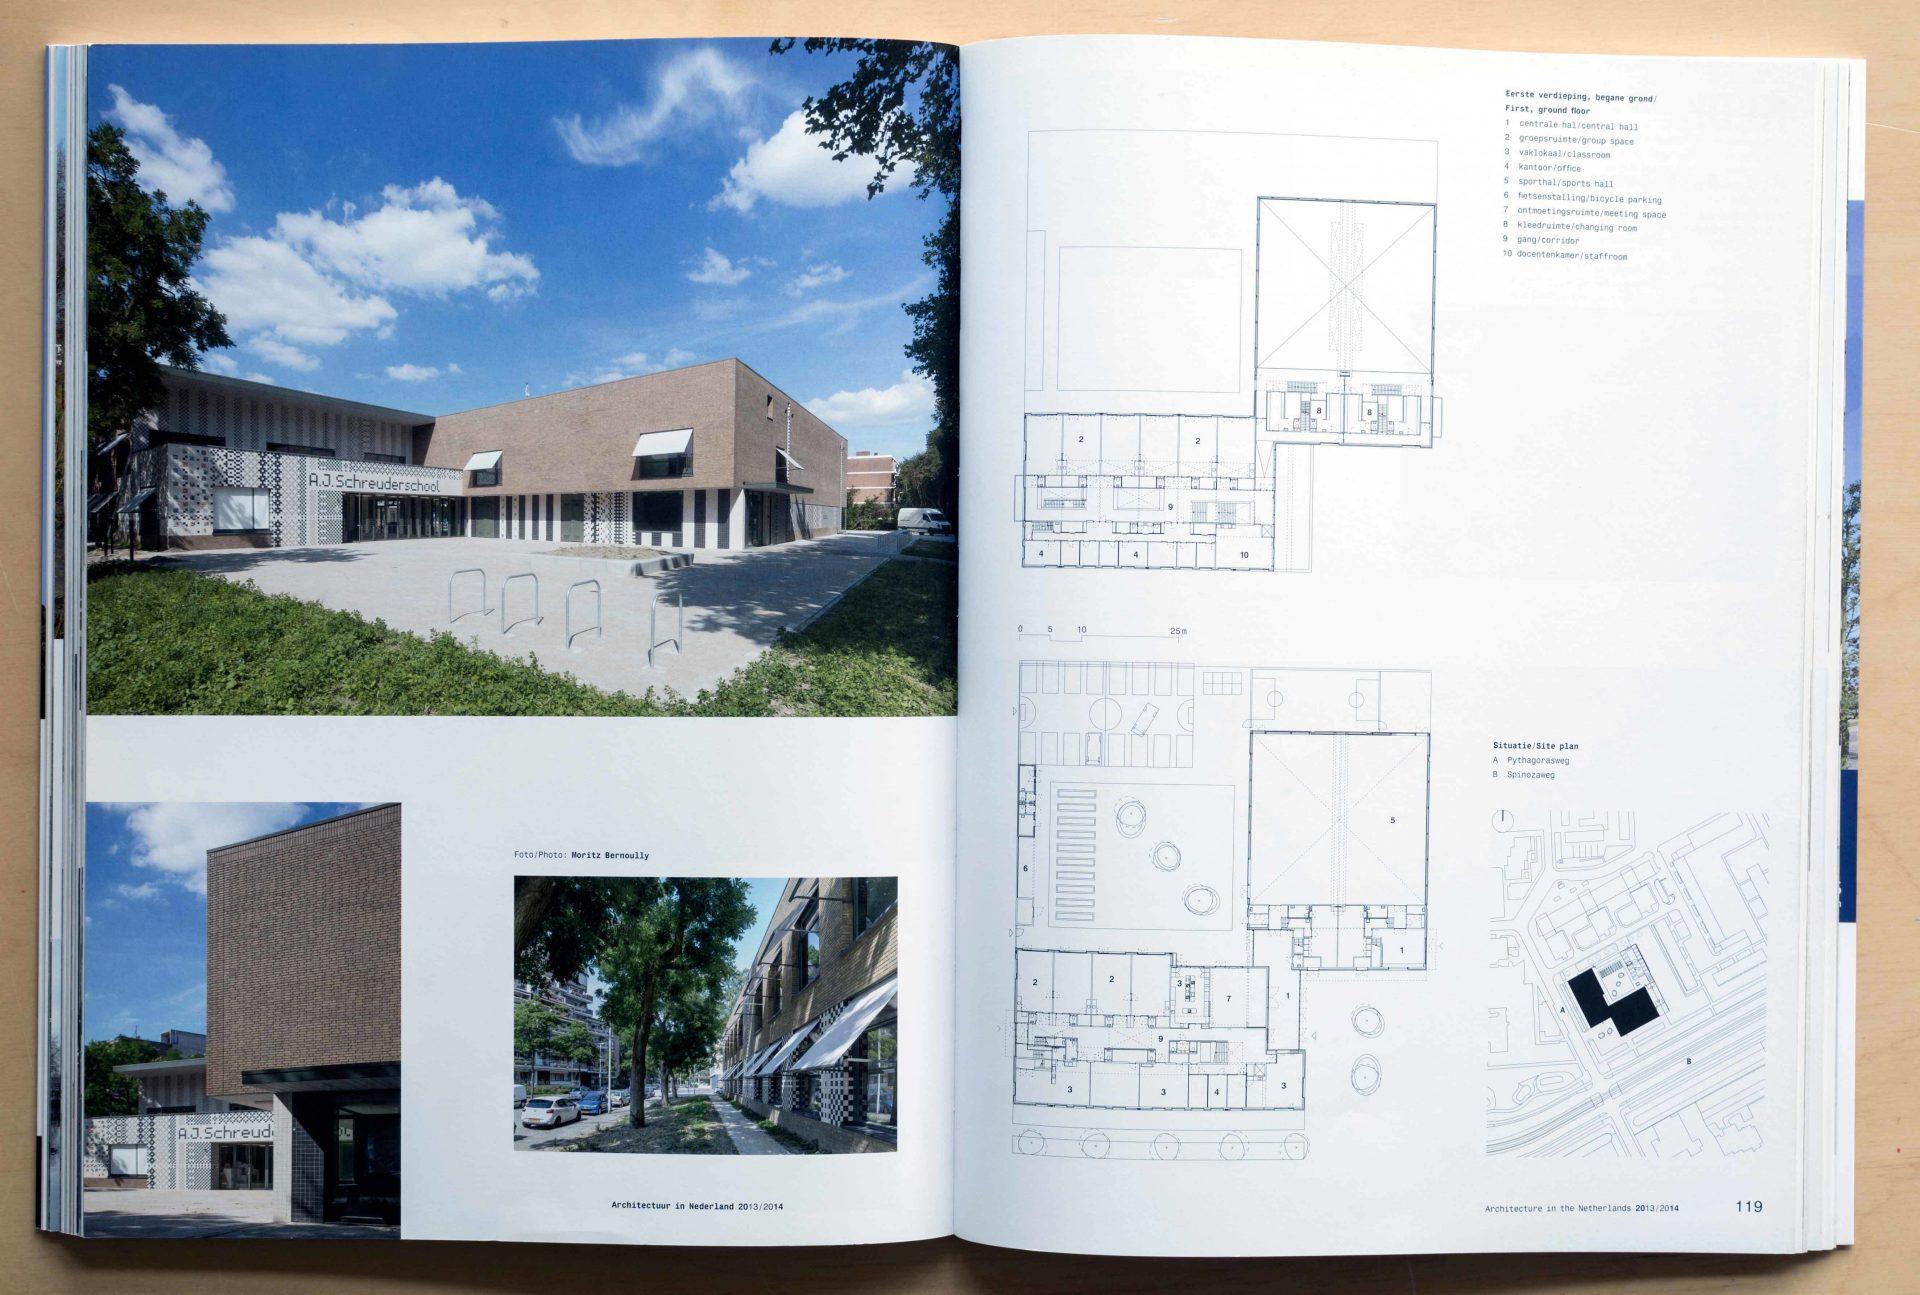 Jaarboek Schreuder 2 Dsc 4865